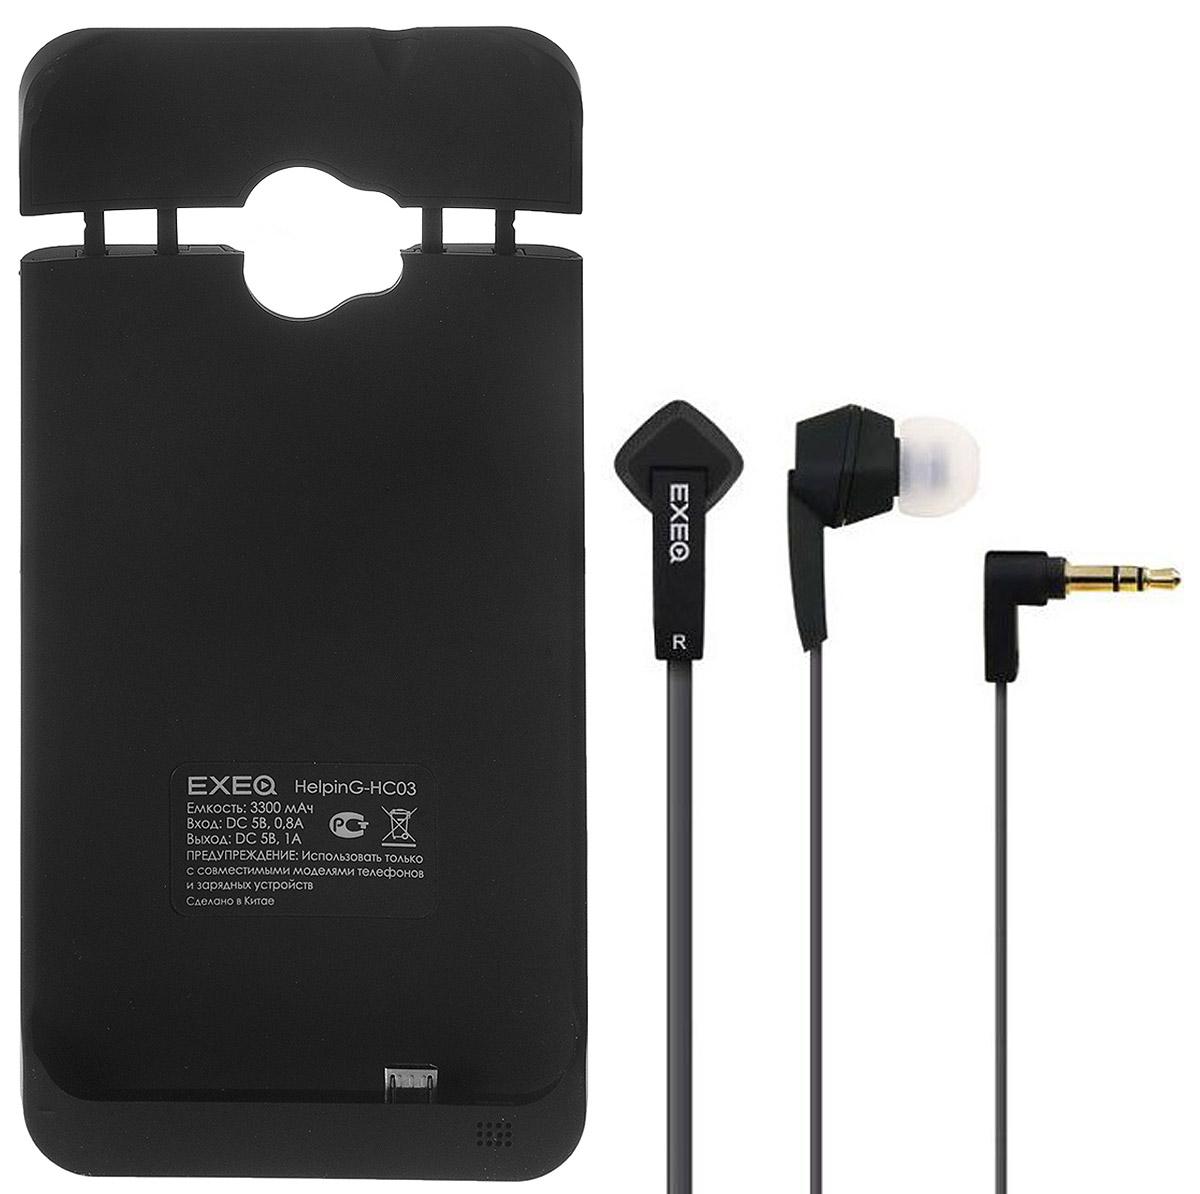 EXEQ HelpinG-HC03 чехол-аккумулятор для HTC One M7 (Dual Sim), Black (3300 мАч, клип-кейс)HelpinG-HC03 BLExeq HelpinG-HC03 - стильный и надежный чехол-аккумулятор для смартфона HTC One M7. Удобный и лаконичный дизайн чехла позволит не только быстро и удобно помещать телефон в чехол, но и надежно защитить заднюю поверхность телефона от загрязнений и царапин даже во время самой активной эксплуатации. Встроенный аккумулятор емкостью 3300 мАч обеспечит своевременную подзарядку батареи смартфона. Для удобства пользования смартфоном Exeq HelpinG-HC03 снабжен встроенной подставкой – она позволит надежно закрепить телефон в горизонтальном положении для комфортного просмотра видео, чтения электронных книг или общения по скайпу.Заряжается чехол-аккумулятор Exeq HelpinG-HC03 от зарядного устройства телефона, причем заряжать оба устройства можно не извлекая телефон из чехла. Так для зарядки телефона просто подсоедините зарядное устройства к чехлу и нажмите кнопку питания на задней поверхности чехла, а для зарядки чехла просто подсоедините зарядное устройство к нему. Состояние уровня заряда батареи чехла-аккумулятора отражают 4 индикатора, расположенных на задней поверхности чехла (рядом с кнопкой питания).В комплект также входят высококачественные наушники Exeq HPC-002 с плоским кабелем с защитой от спутывания. Для блокировки нежелательных шумов в комплекте с наушниками поставляются мягкие силиконовые амбушюры 3-х размеров, которые удобно помещаются в ушах и не оказывают давления на ушную раковину. Прочный L-образный штекер с позолоченным коннектором 3,5 мм позволит комфортно подключить Exeq HPC-002 ко многим портативным устройствам.Технические характеристики Exeq HPC-002:Частотный диапазон: 19-20000 ГцДинамики: 10 ммЧувствительность: 105 дБИмпеданс: 16 ОмДлина кабеля: 1,3 м